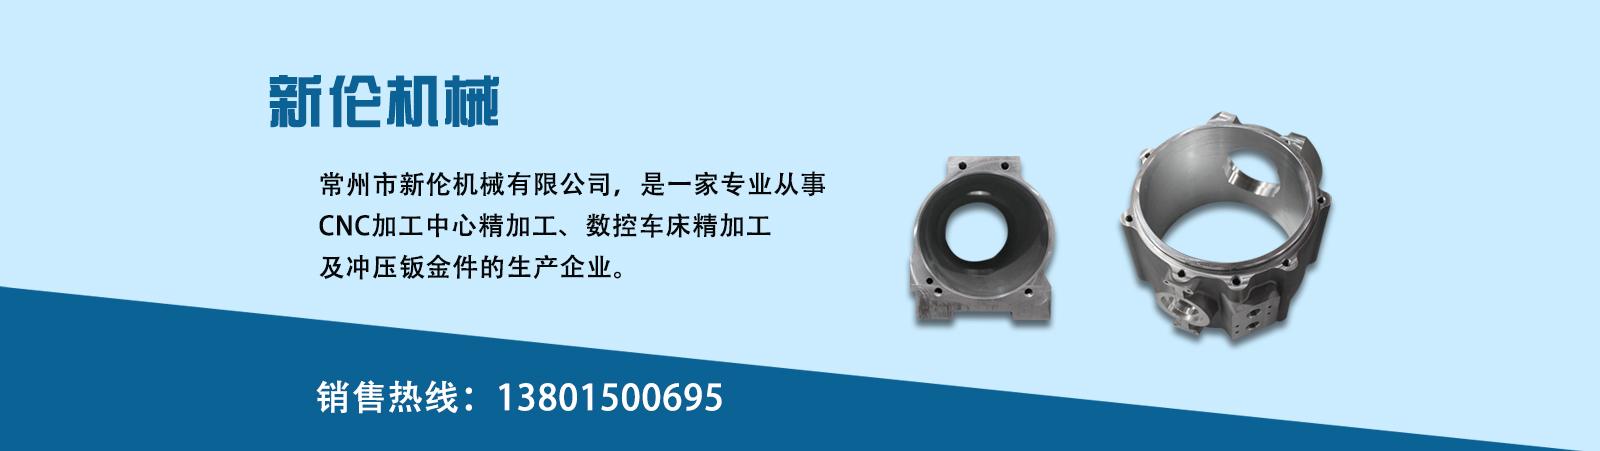 常州CNC精密机械加工